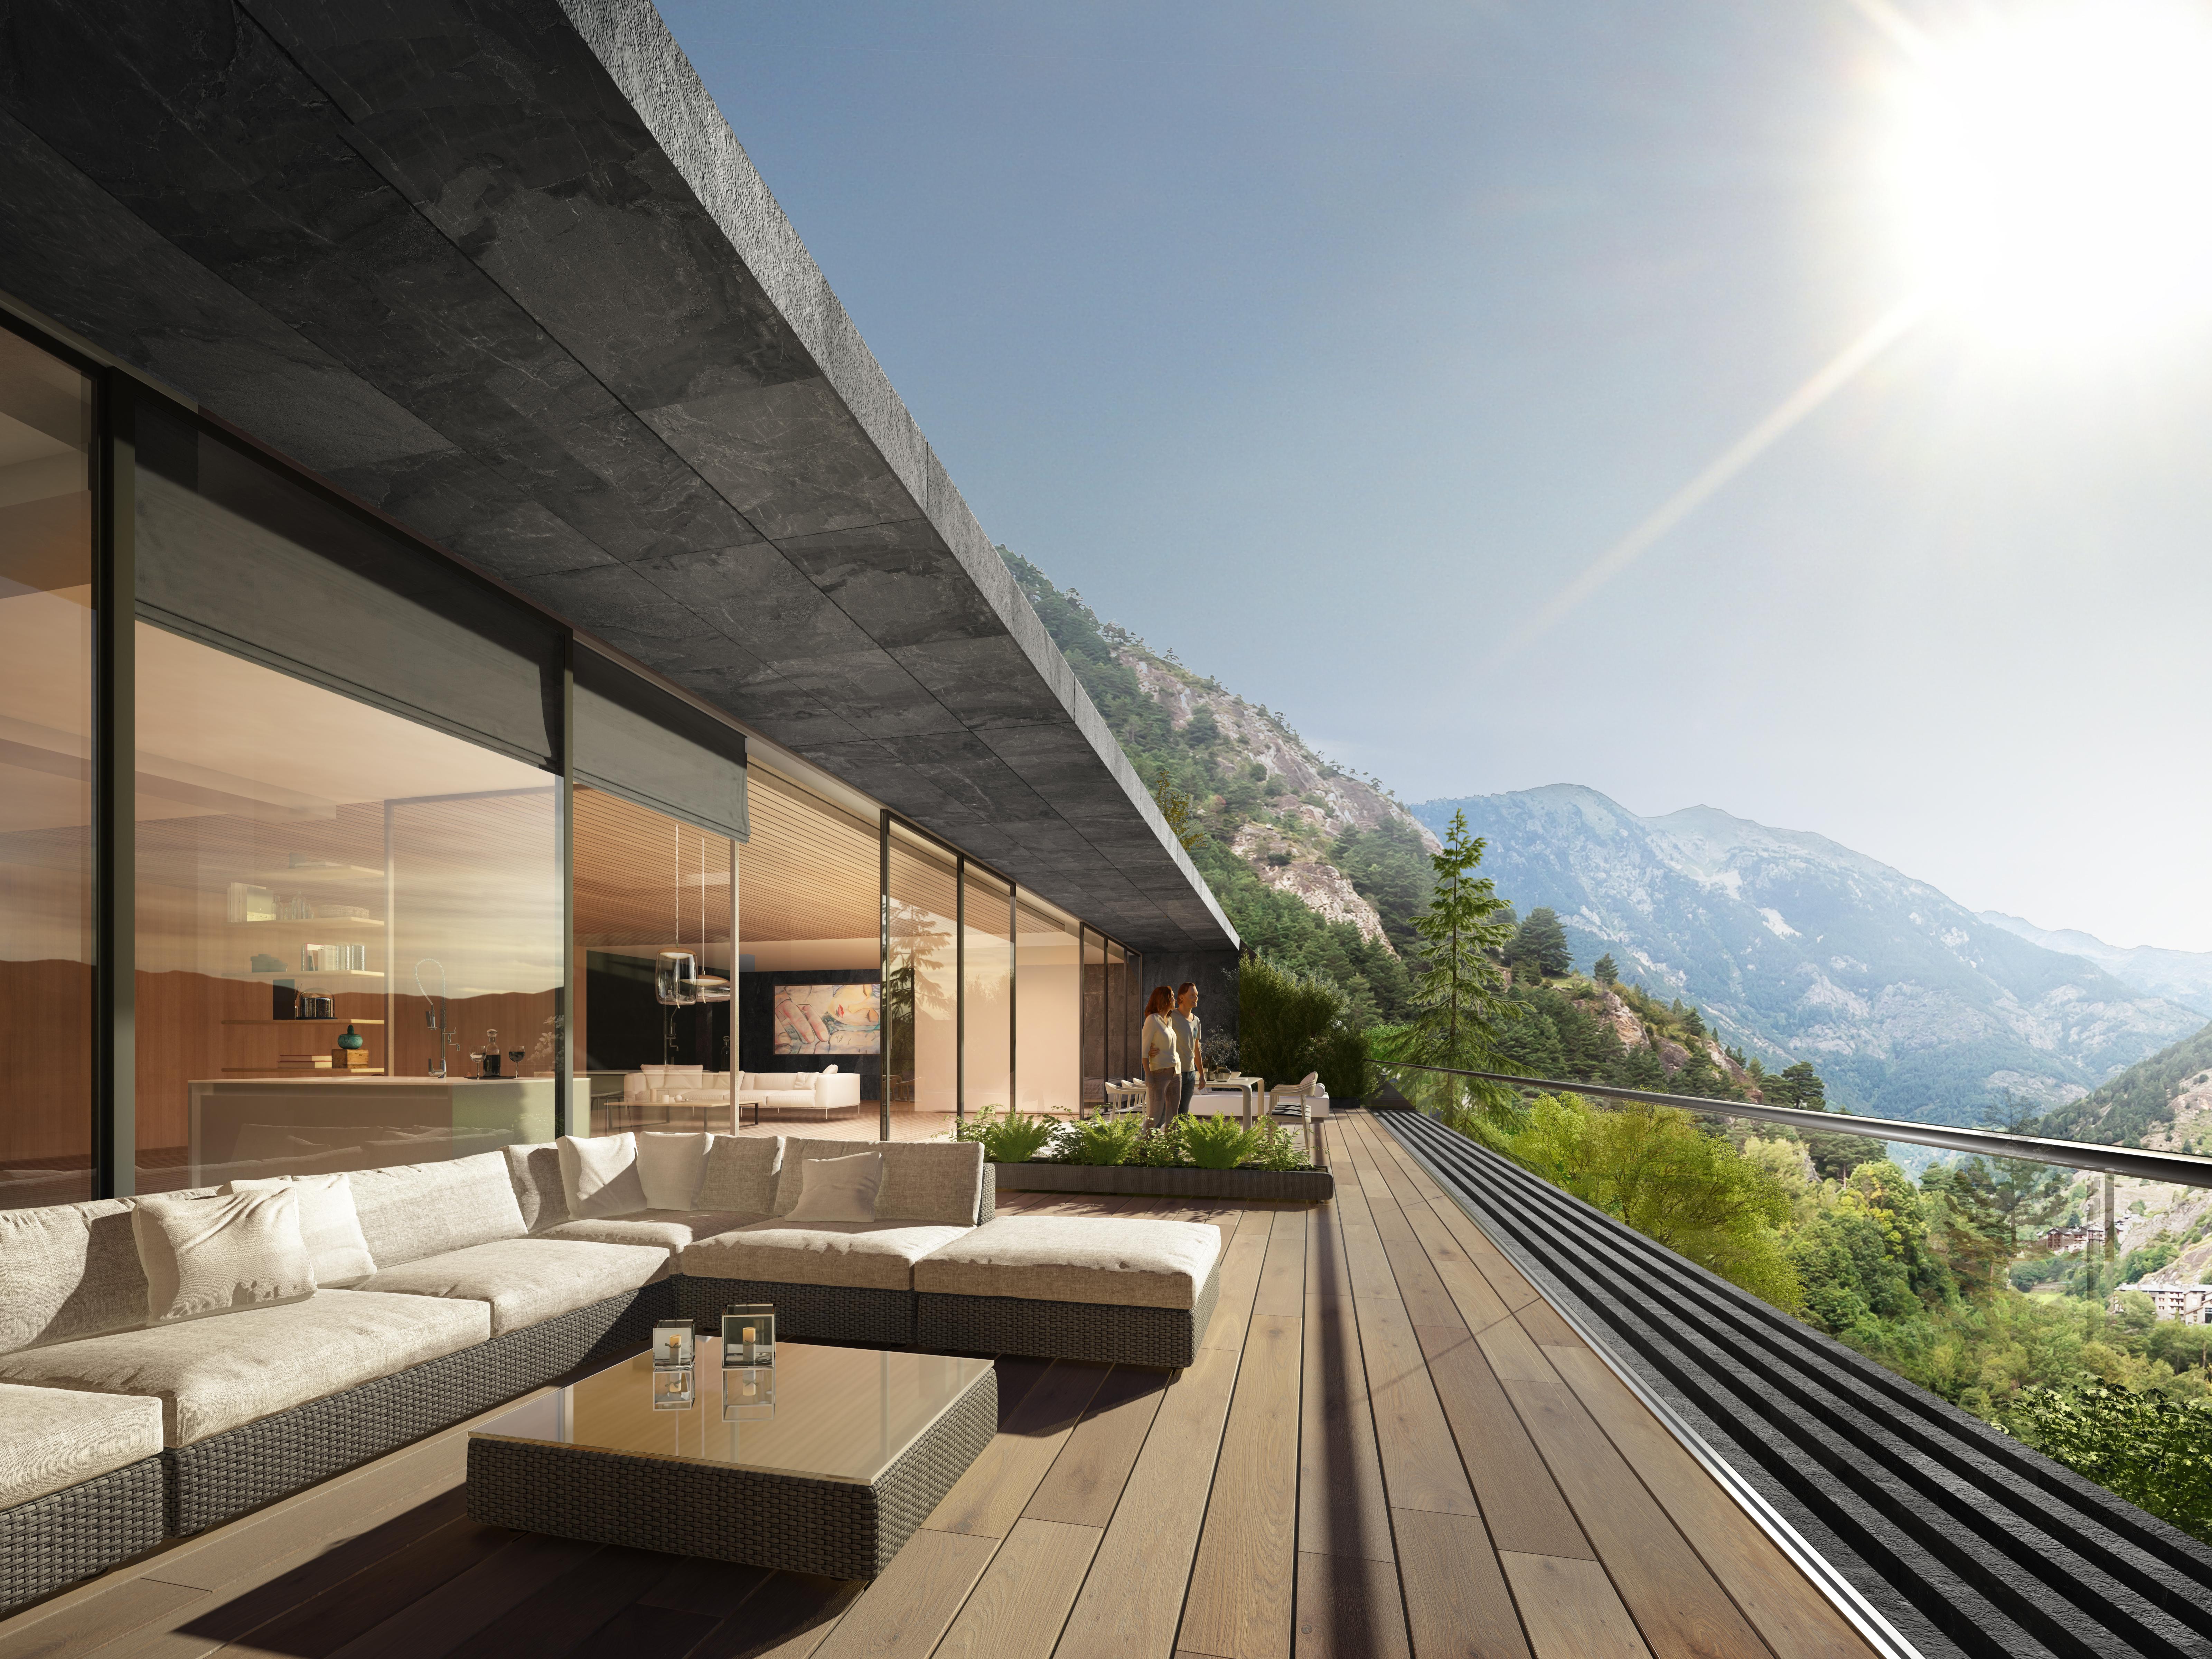 Todas las viviendas tienen terraza exterior